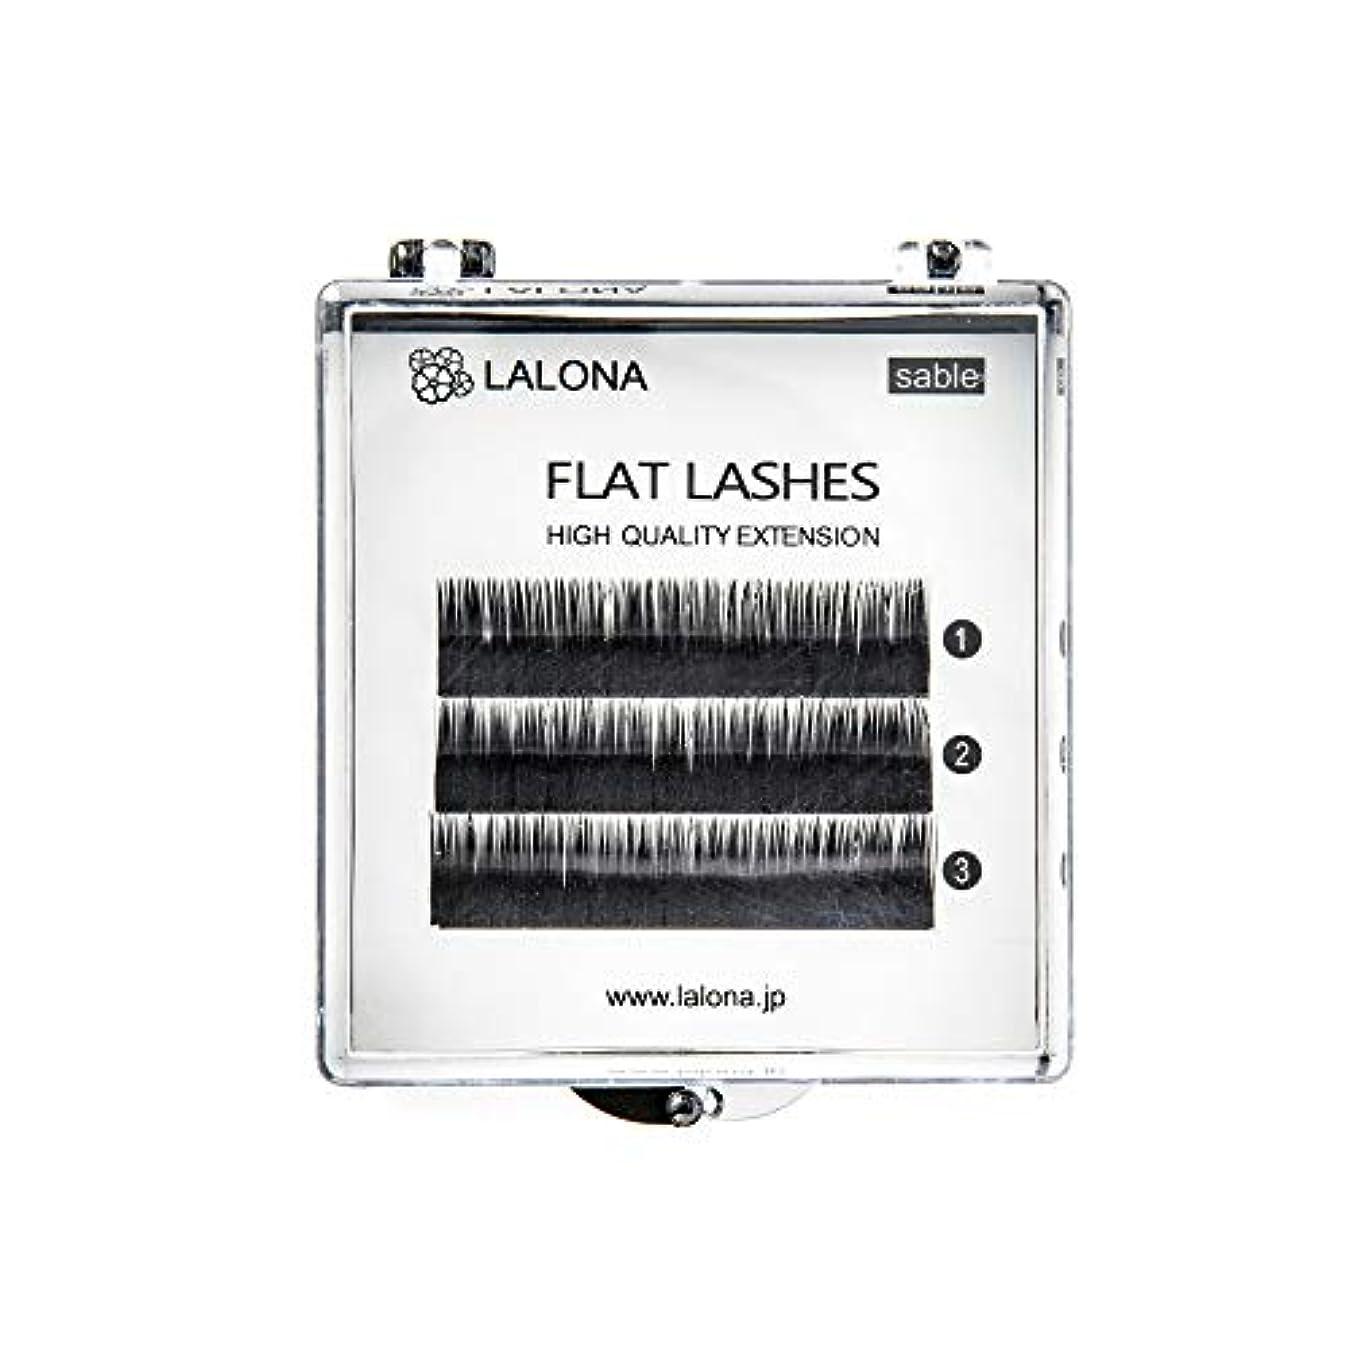 契約するスリンク蒸し器LALONA [ ラローナ ] フラットラッシュ (BLK) (3列) まつげエクステ 平面加工 Lディテール ブラック (Dカール 0.15 / 11mm)